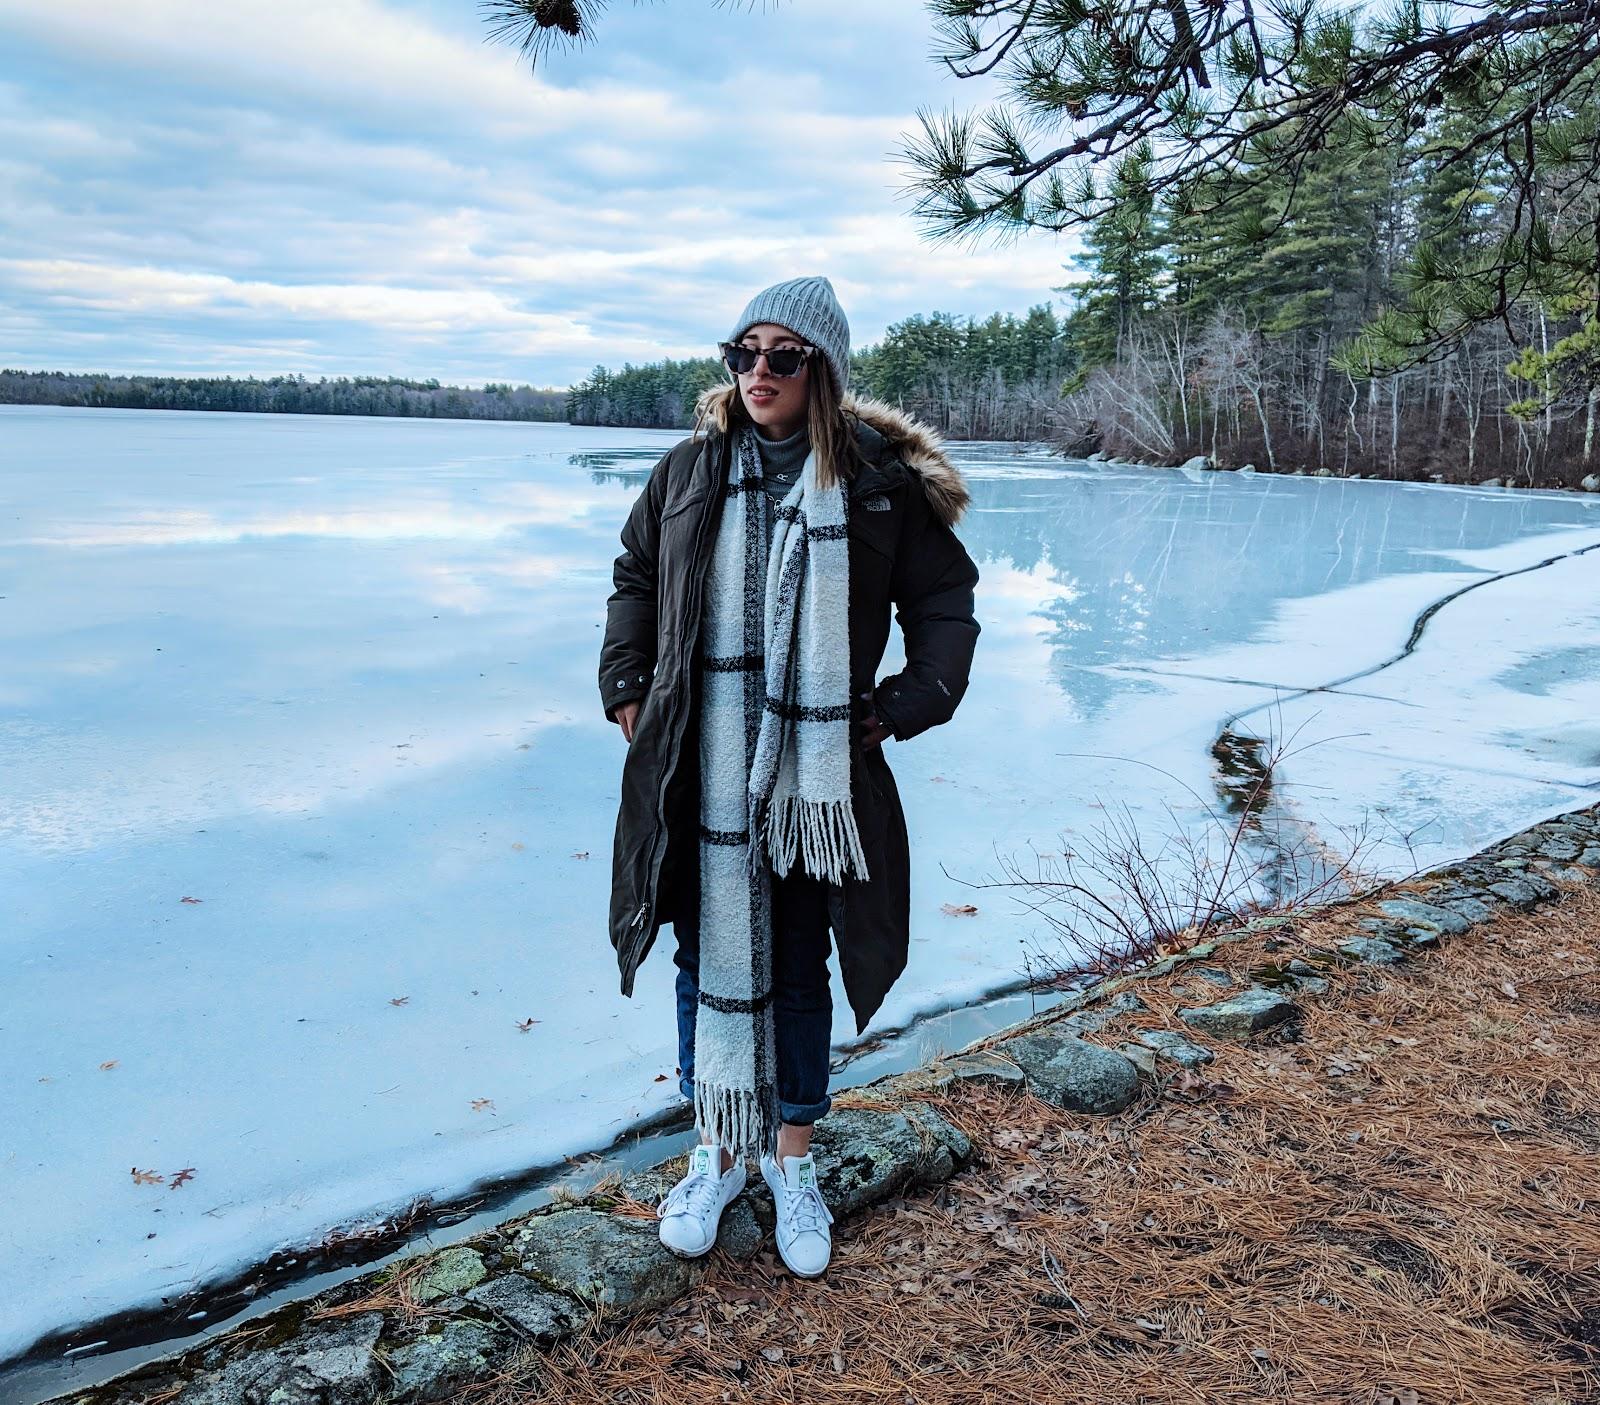 מסלול טיול לתיירים מחוץ לבוסטון ניו המפשייר בחורף